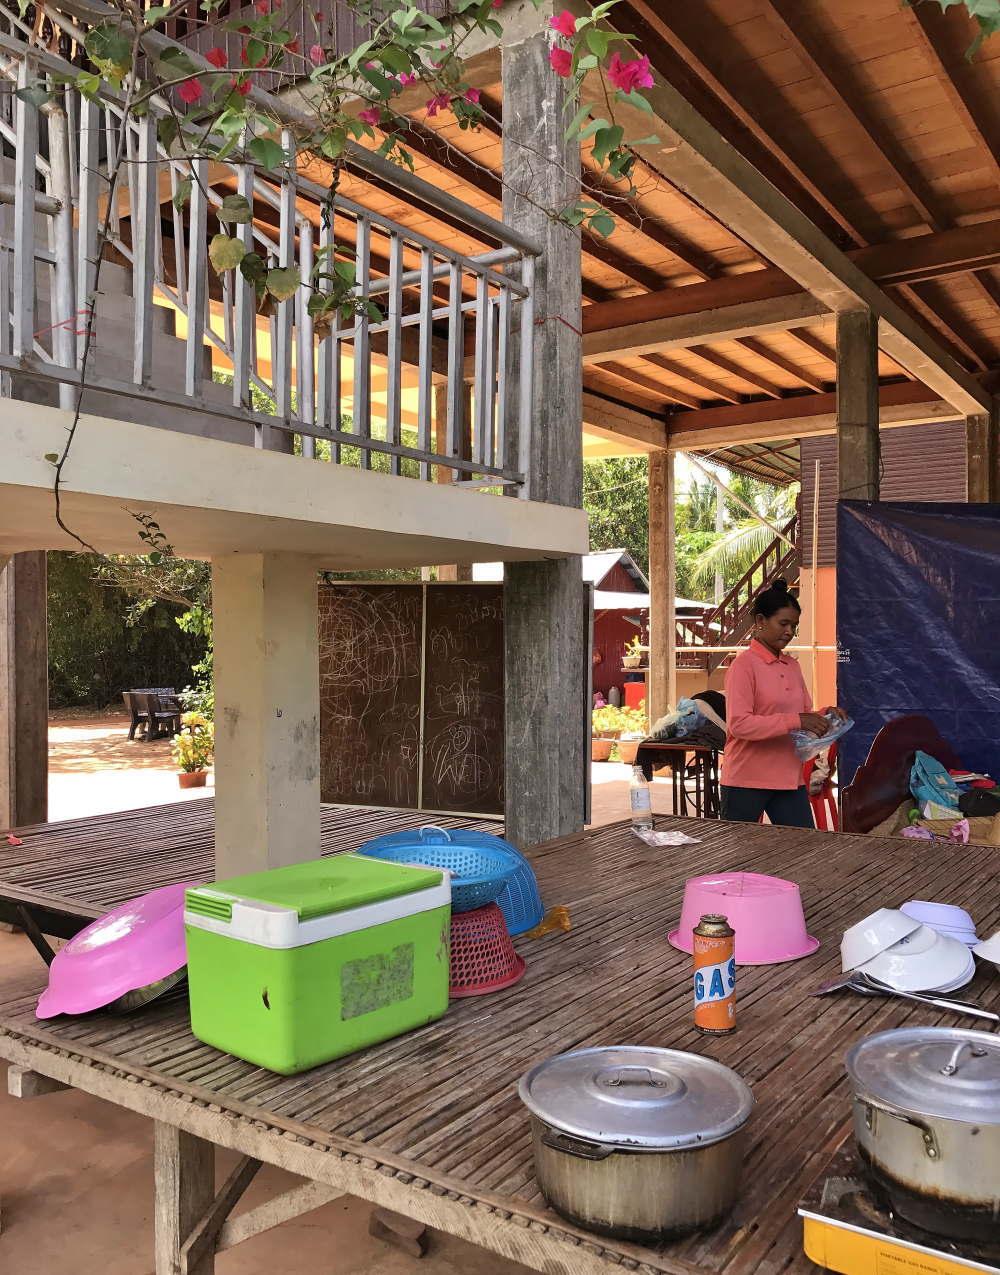 バコン村 高床式の住居 内部